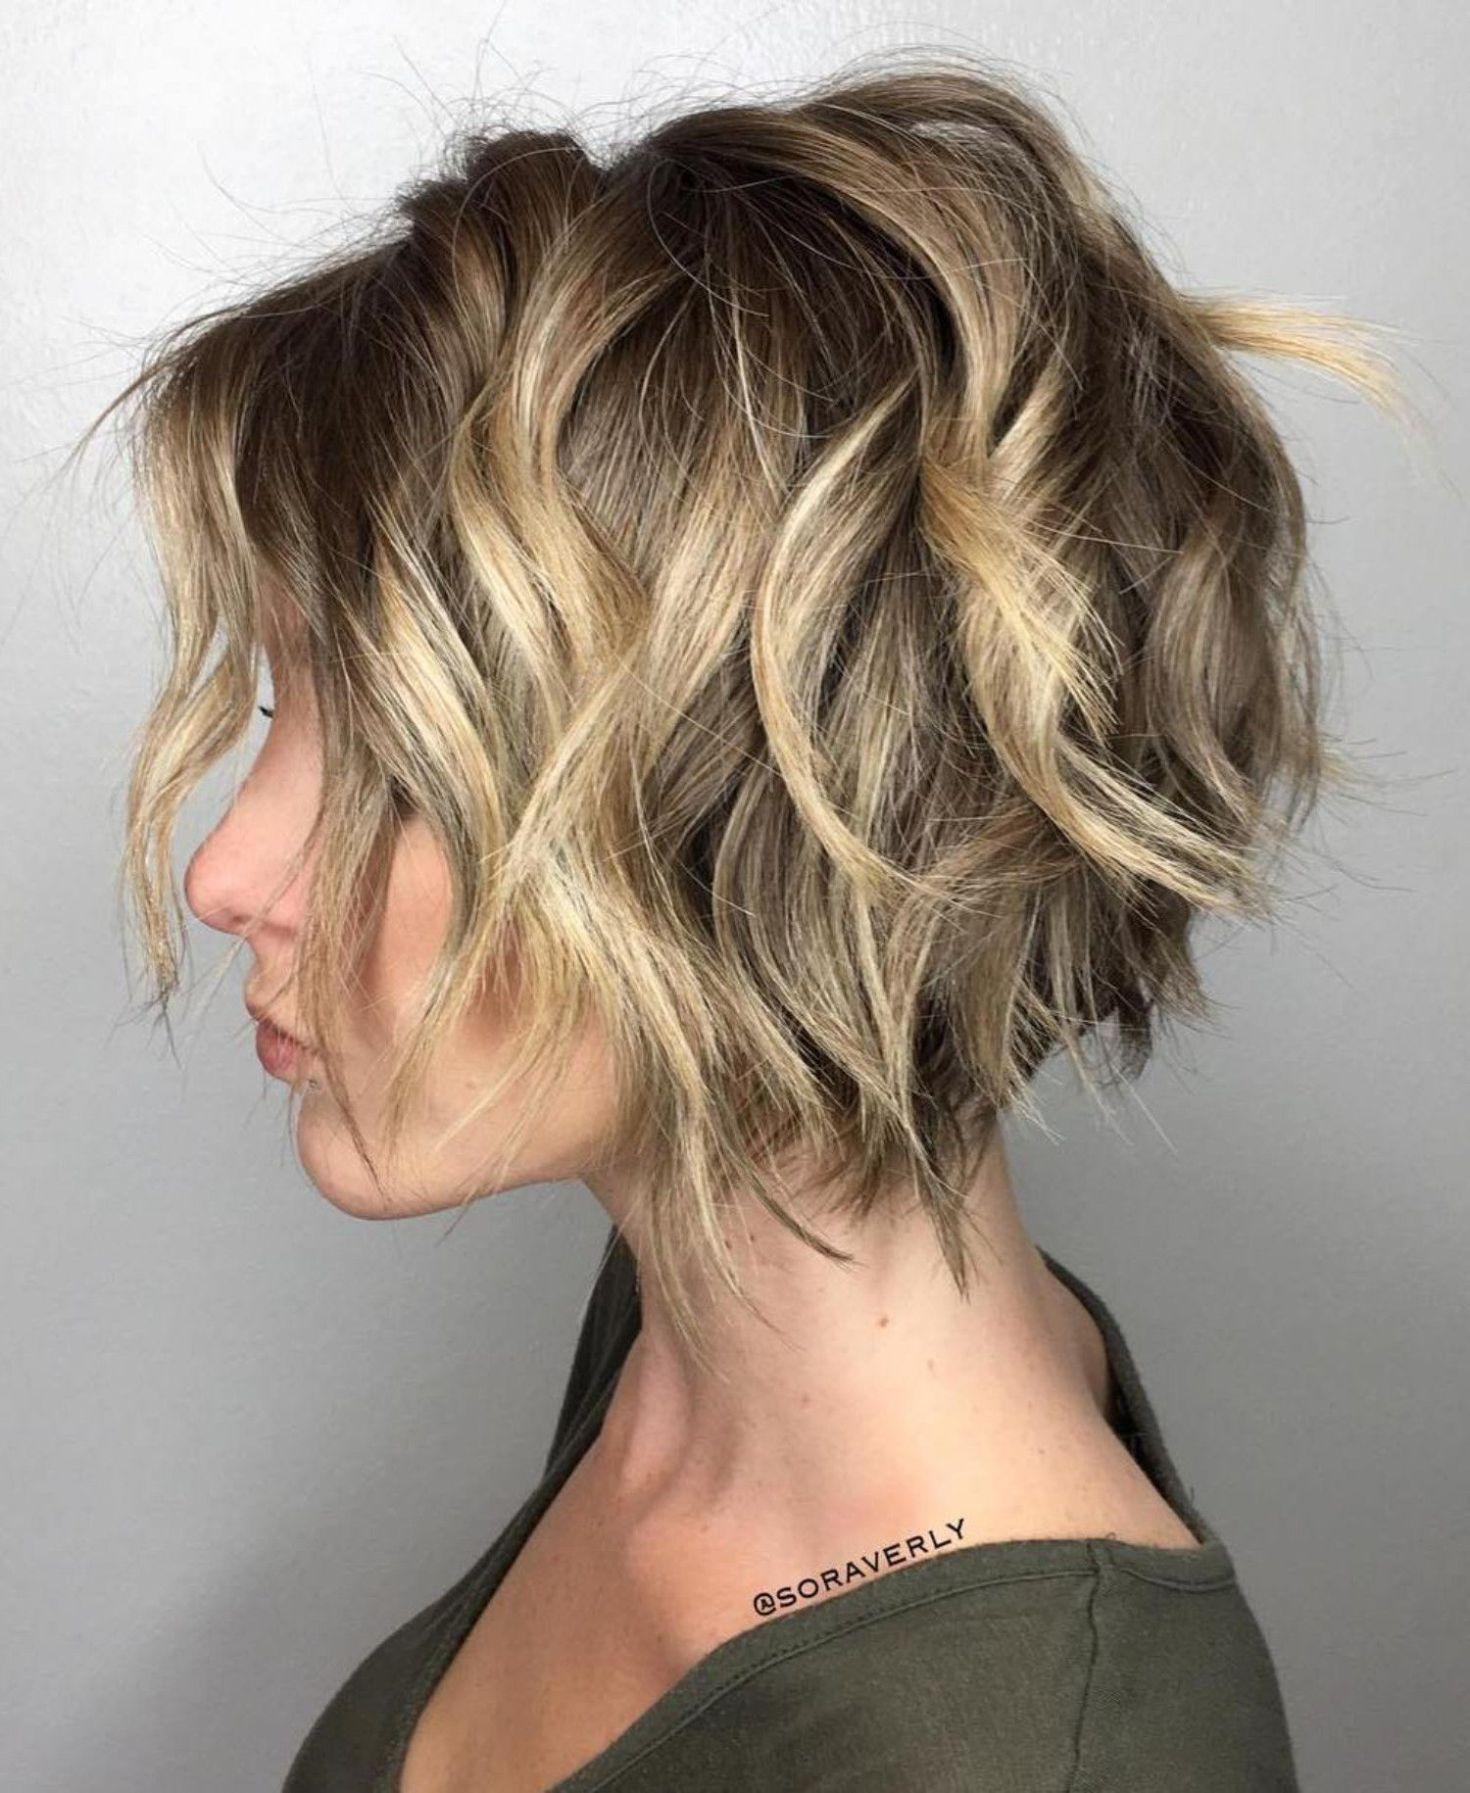 One Length Choppy Wavy Bob Thin Hair Haircuts Short Hair With Layers Haircuts For Fine Hair